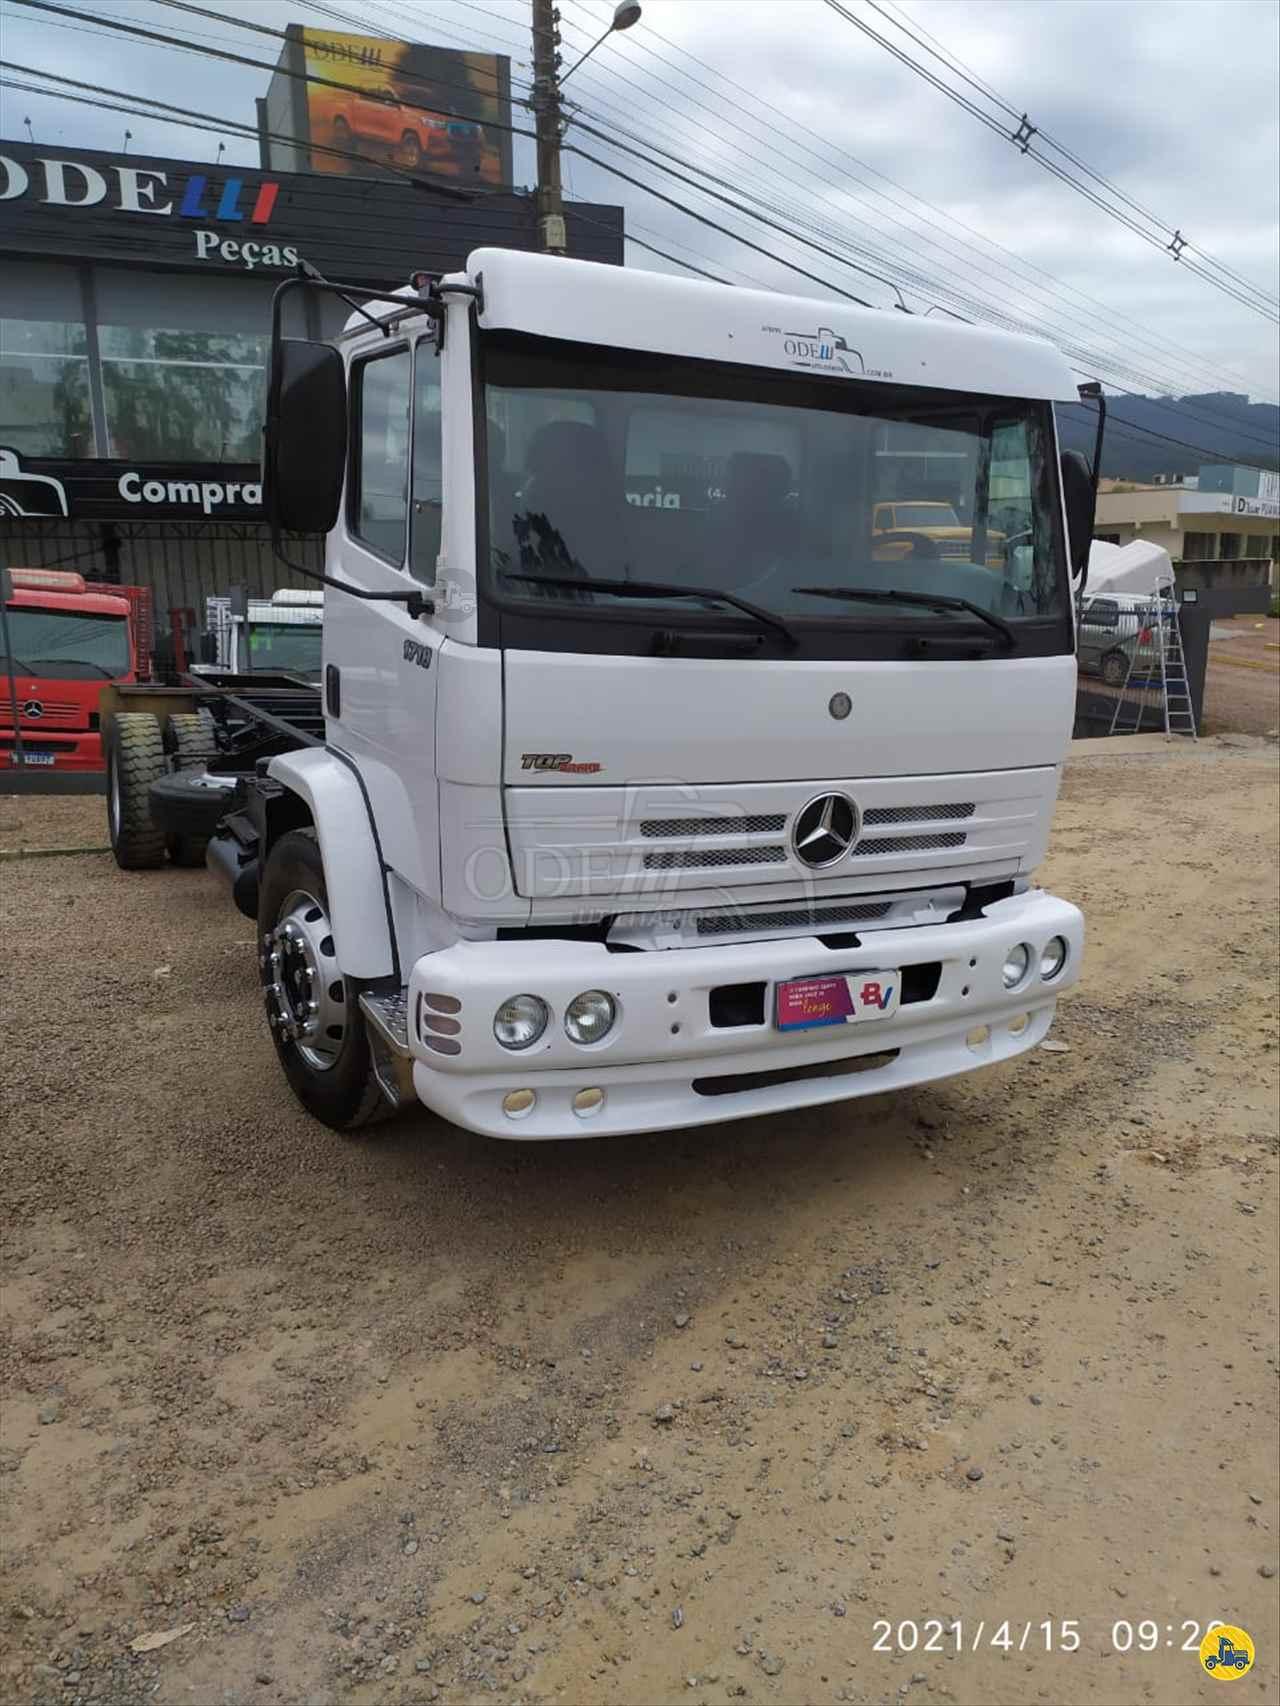 CAMINHAO MERCEDES-BENZ MB 1718 Chassis Toco 4x2 Odelli Utilitários RIO DO SUL SANTA CATARINA SC